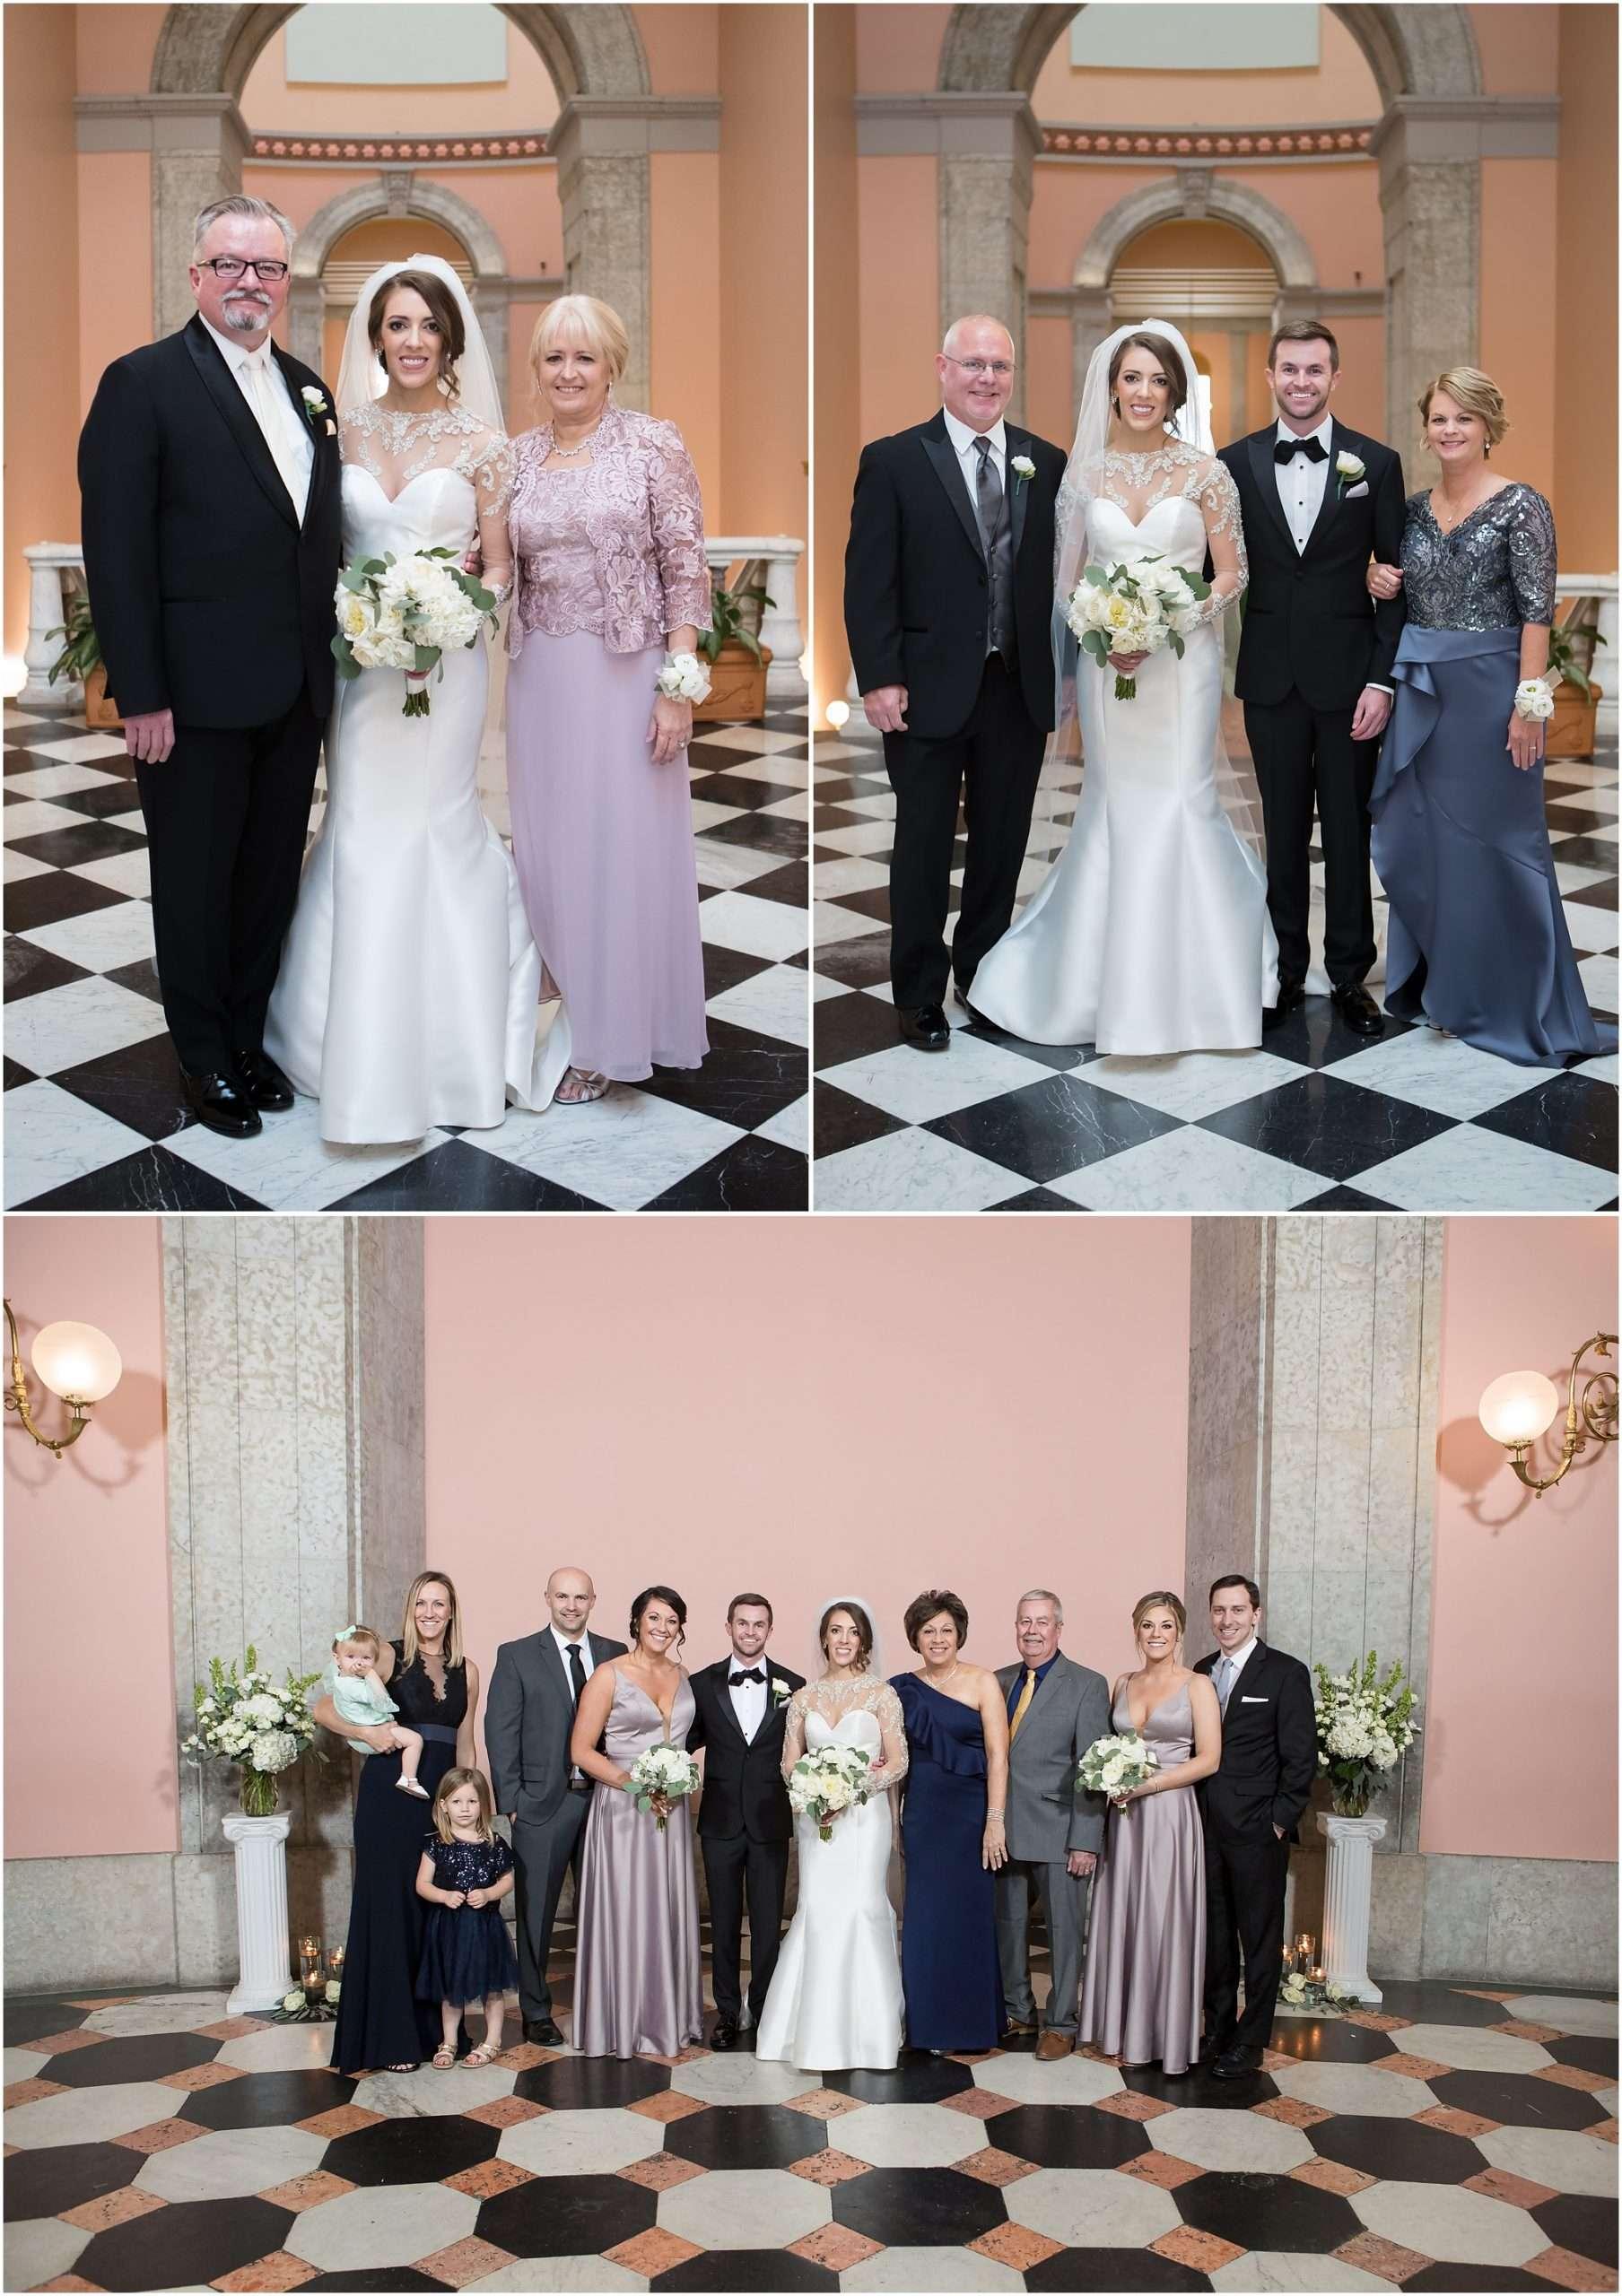 Spring Wedding at the Ohio Statehouse | Columbus Ohio Photography 116